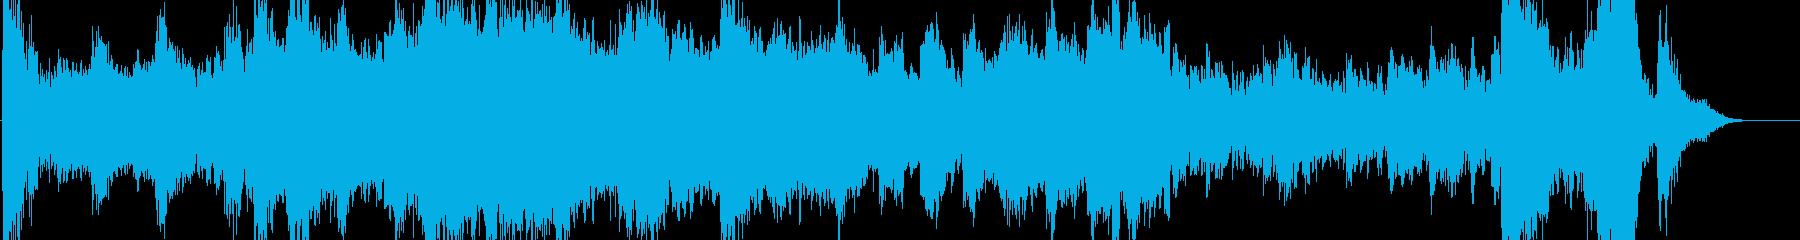 人間の住まぬ大陸の未来を描く幻想曲の再生済みの波形